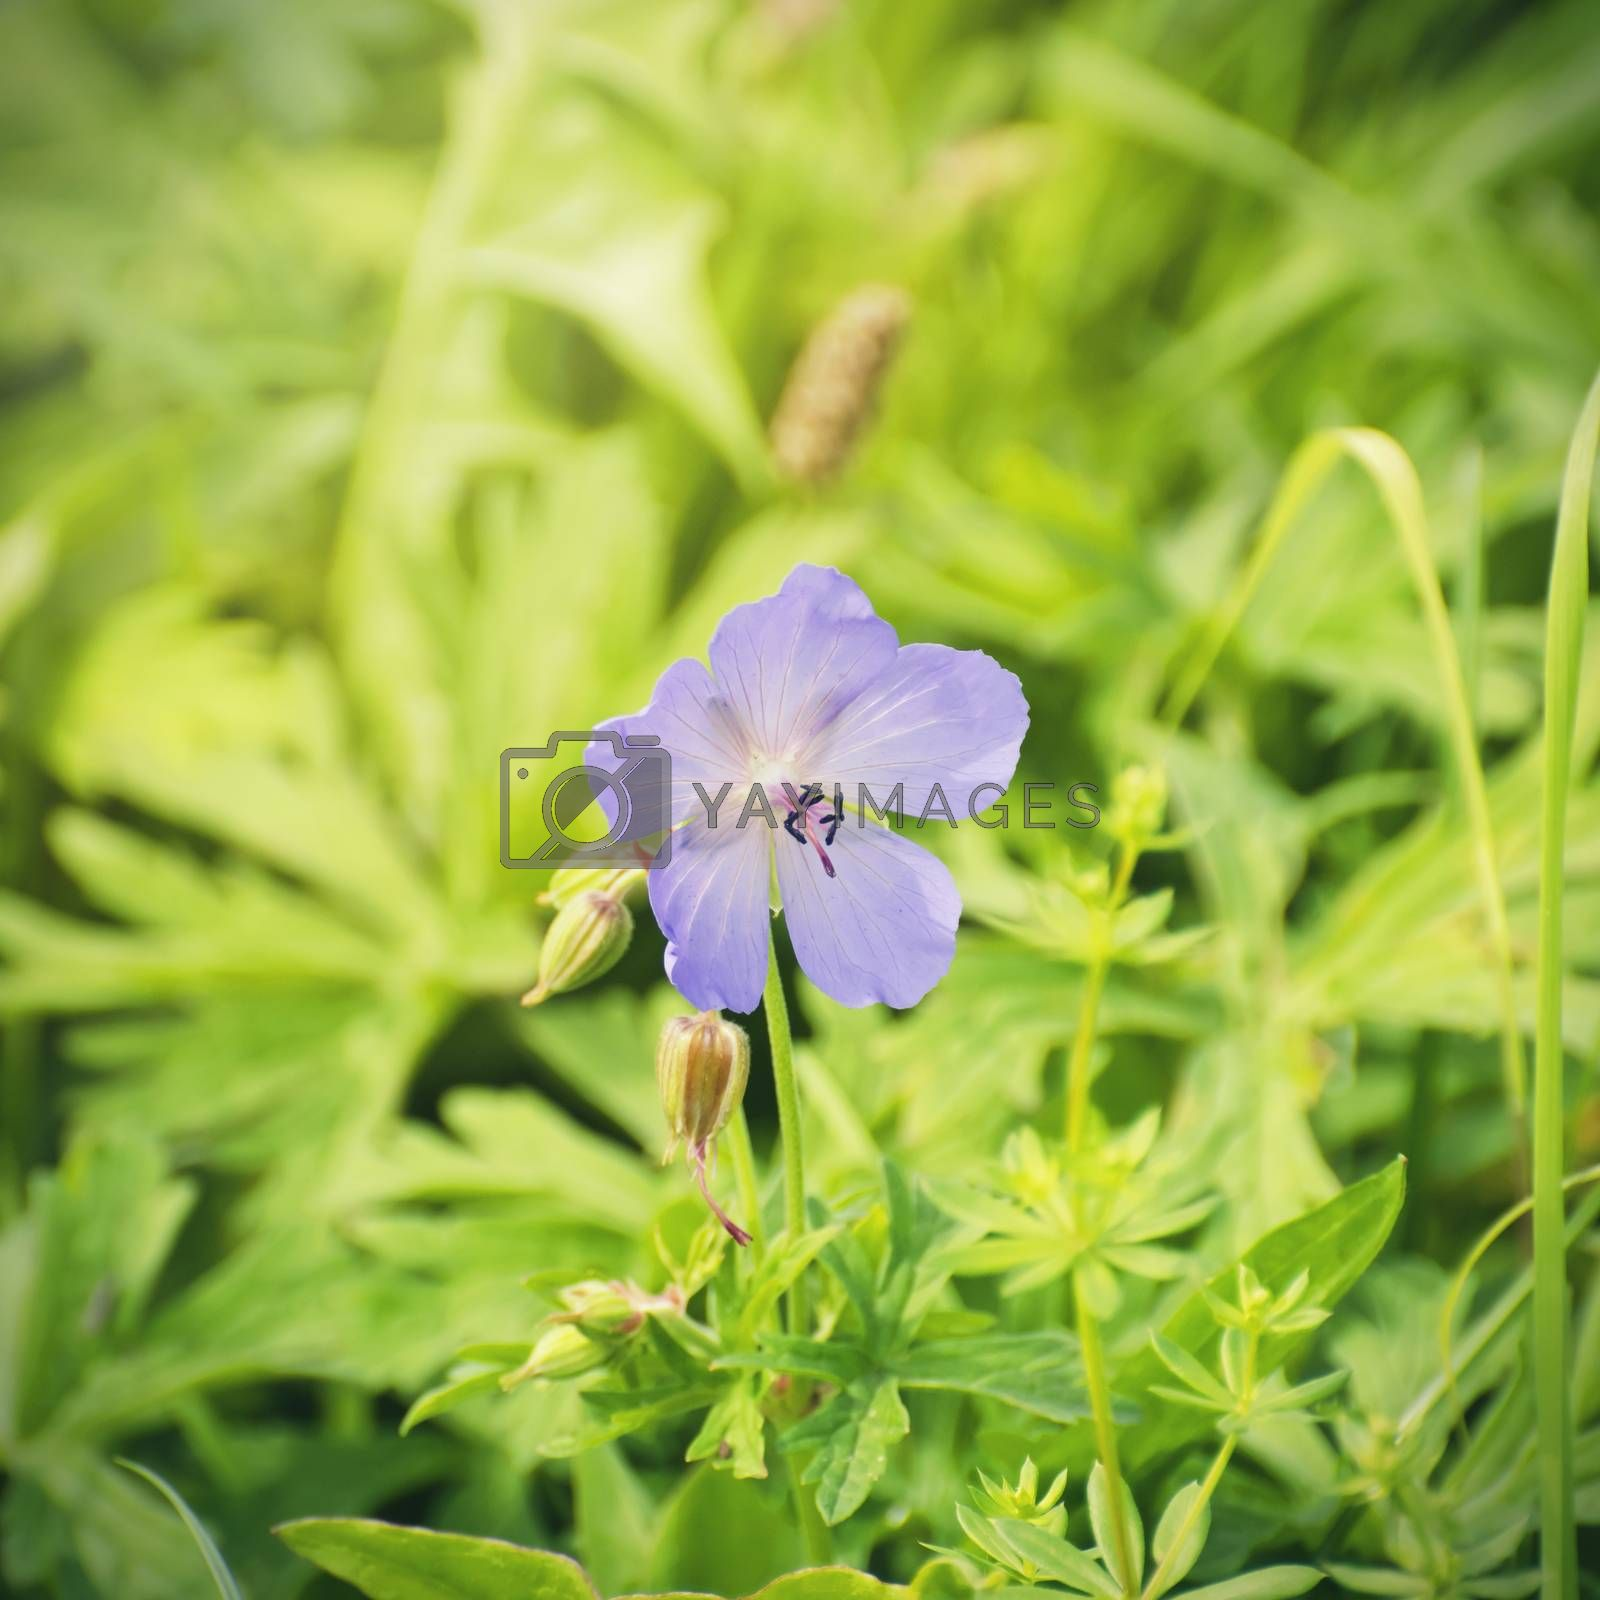 Flower by razvodovska